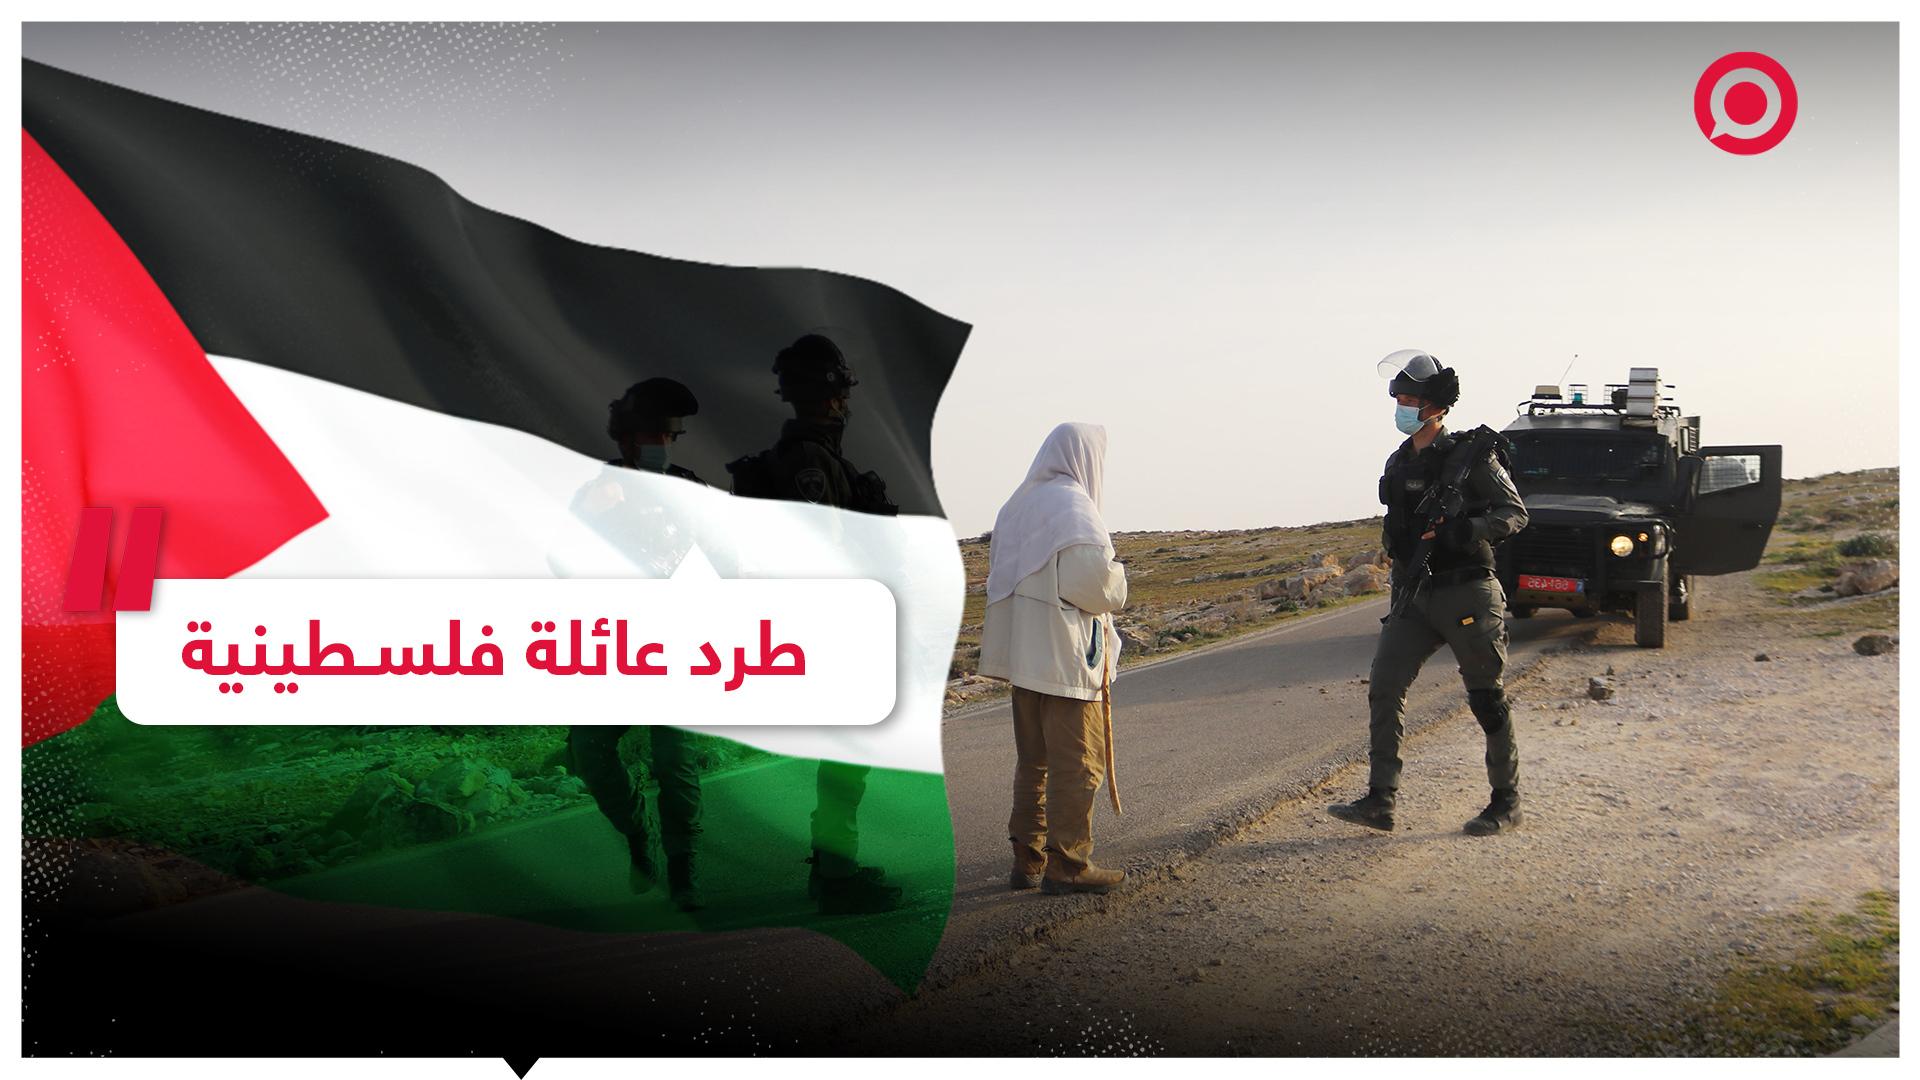 مستوطنون إسرائيليون يطردون عائلة فلسطينية